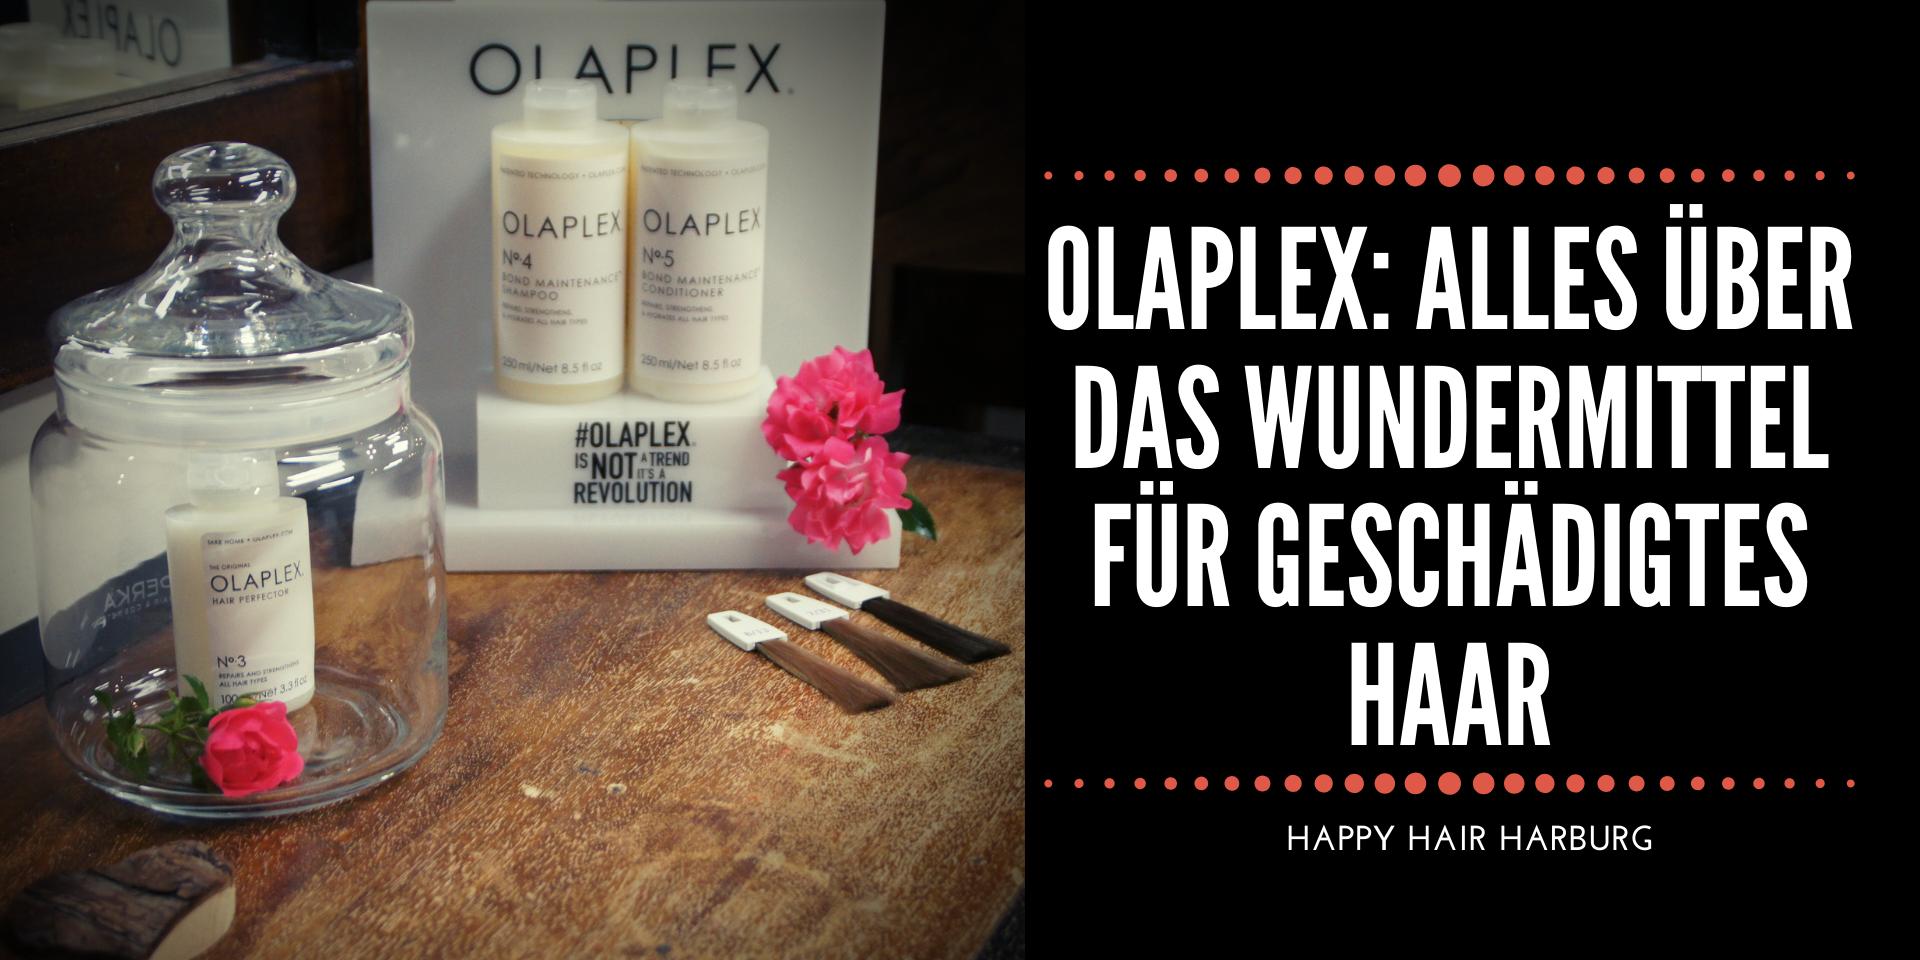 Olaplex - Alles über das Wundermittel für geschädigtes Haar